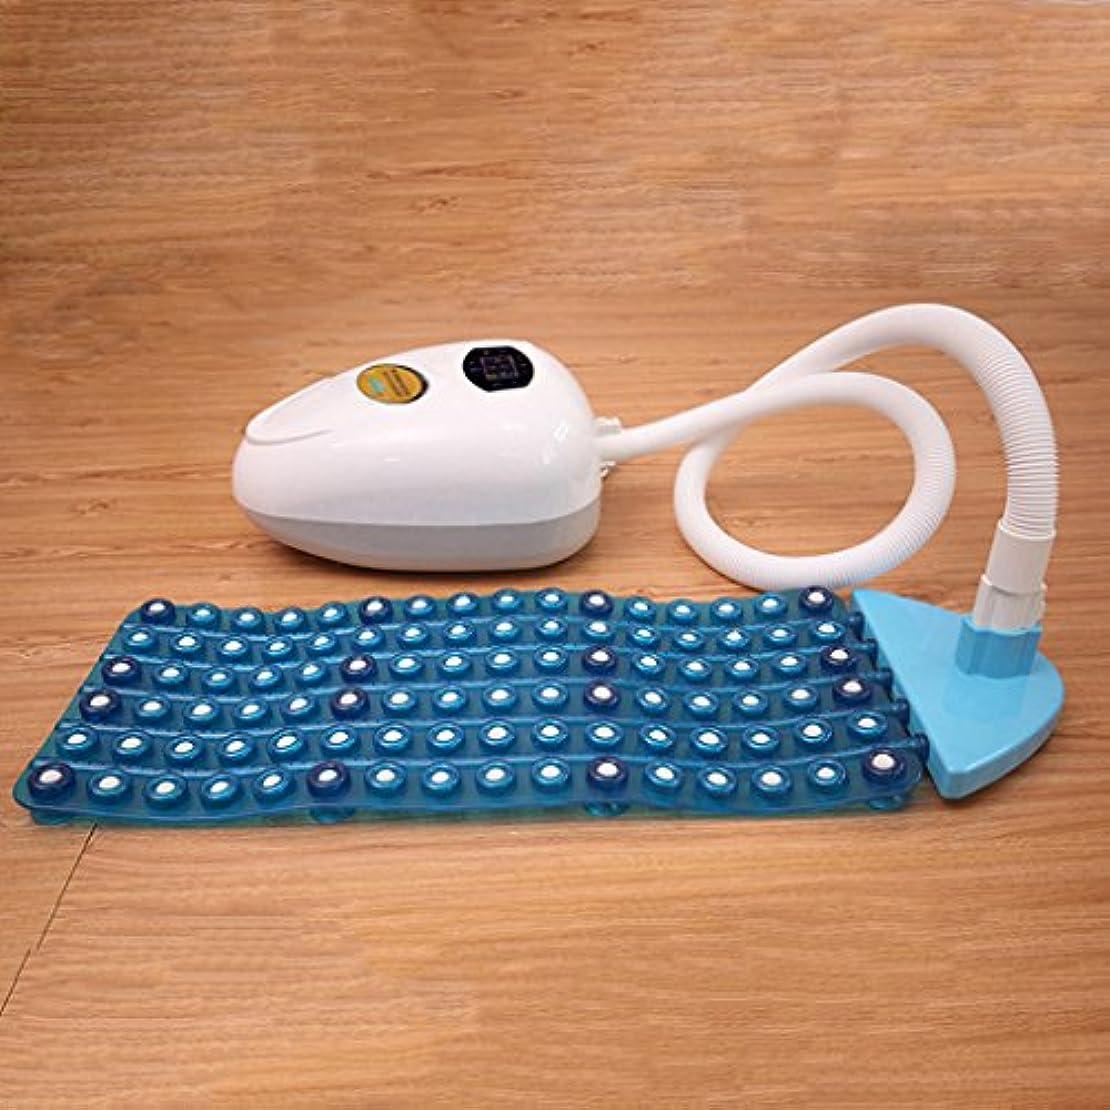 フレキシブルビルマ愛国的なバブルスパマシン超音波美容院健康博物館MAG.ALによる水温モニタリングによるオゾン滅菌